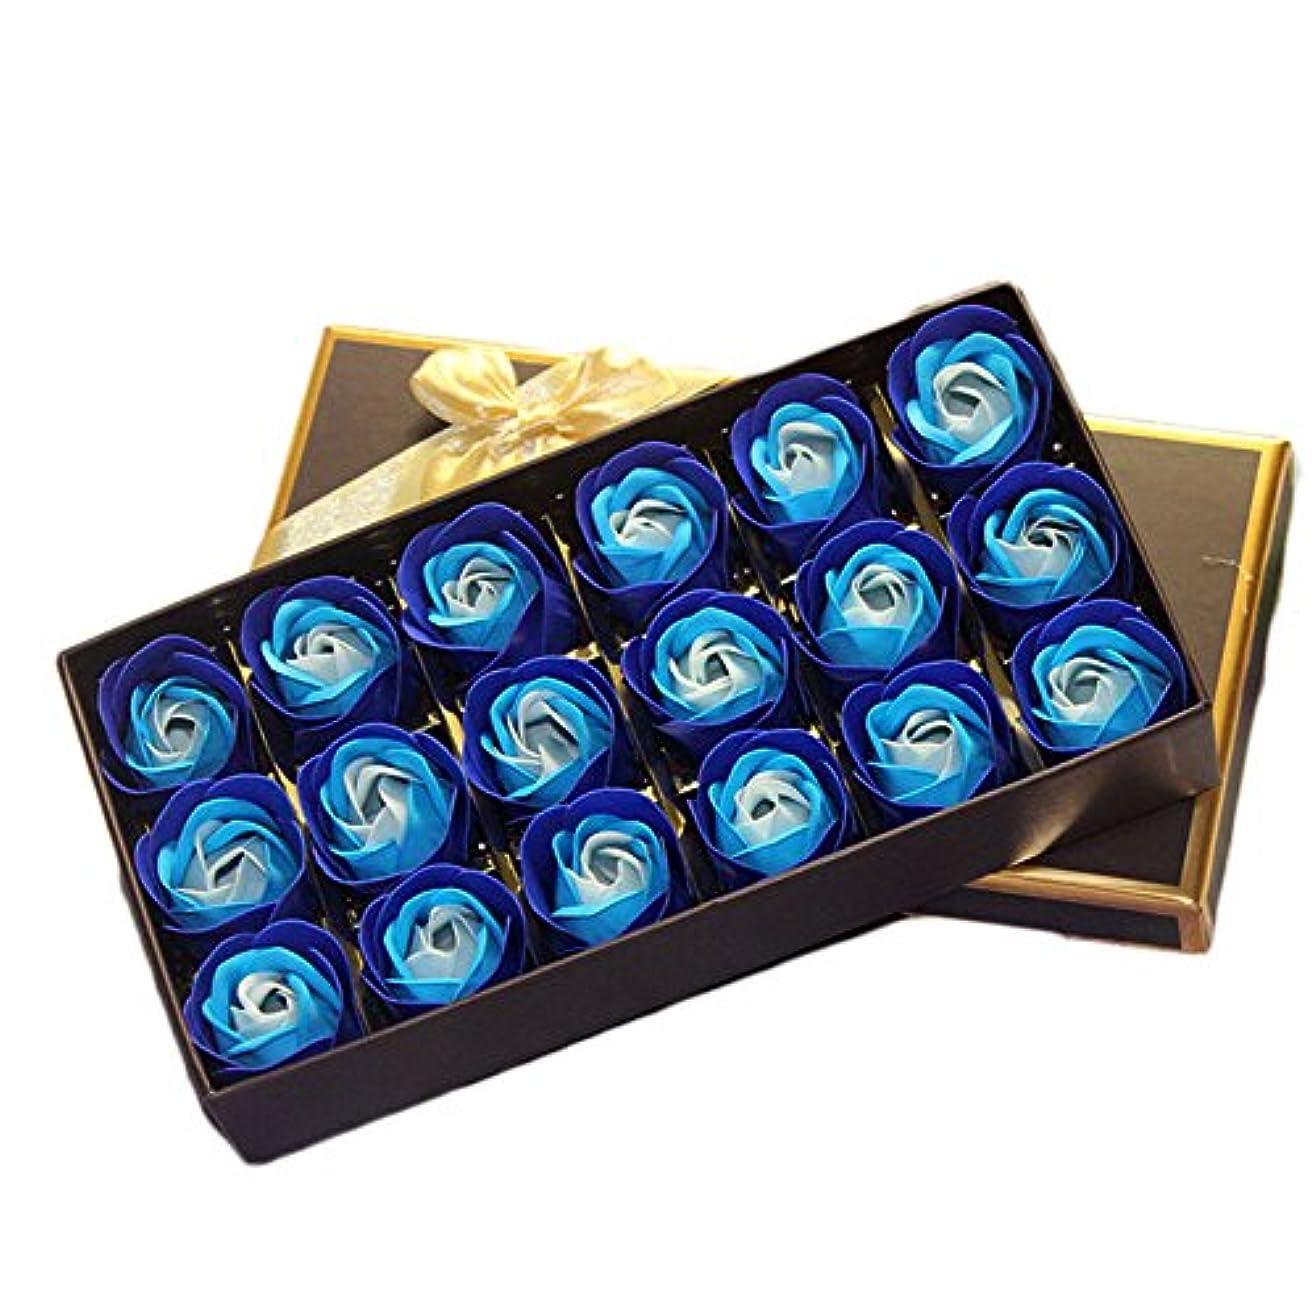 着替えるるラフ18個バラ型 フラワーソープ ギフトボックス入り 石鹸 花 バラ セット 手作り 洗う 手 お風呂 香り 贈り物 (青 1)